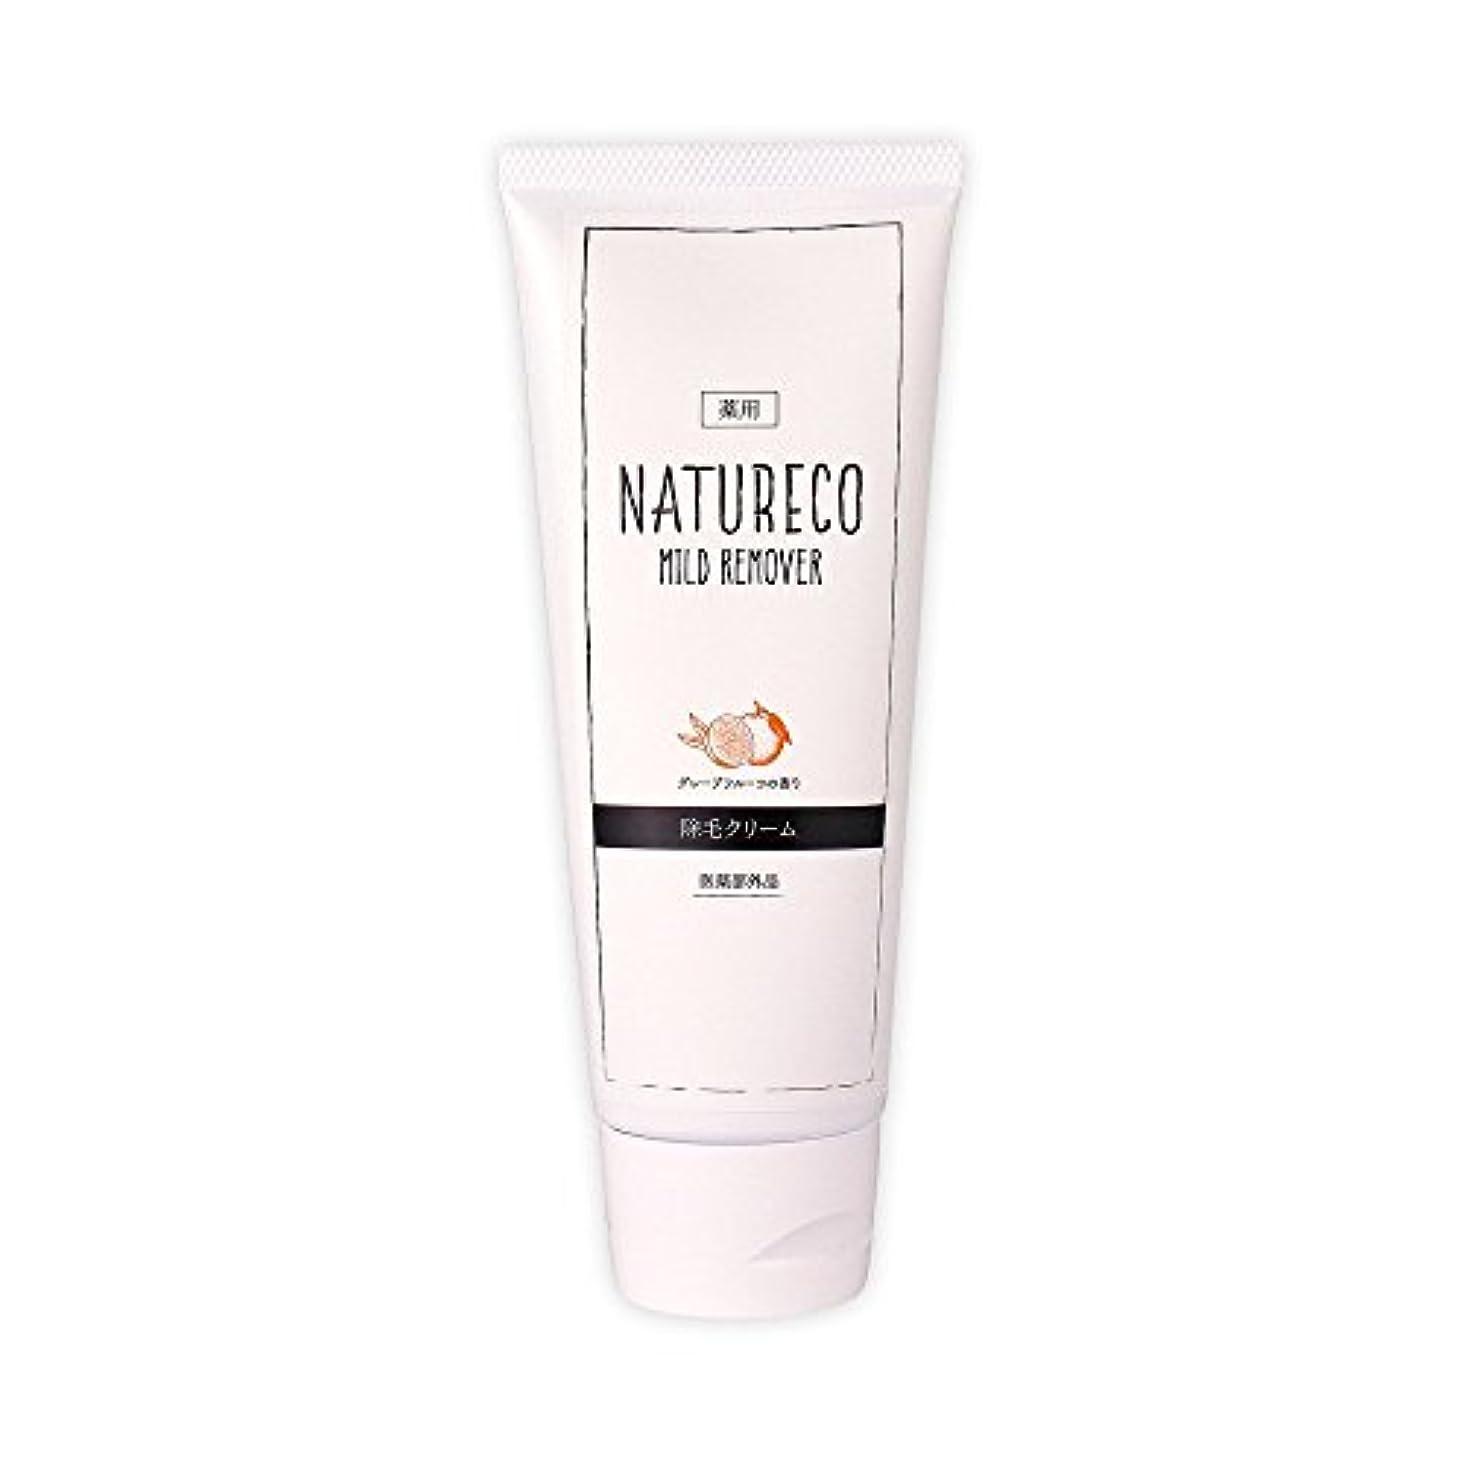 迷路注ぎますエンドテーブルナチュレコ 除毛クリーム 薬用 120g<さわやかな香り> 脱毛クリーム 肌に優しい除毛クリーム 肌荒れしにくい成分配合 薬用マイルドリムーバー NATURECO